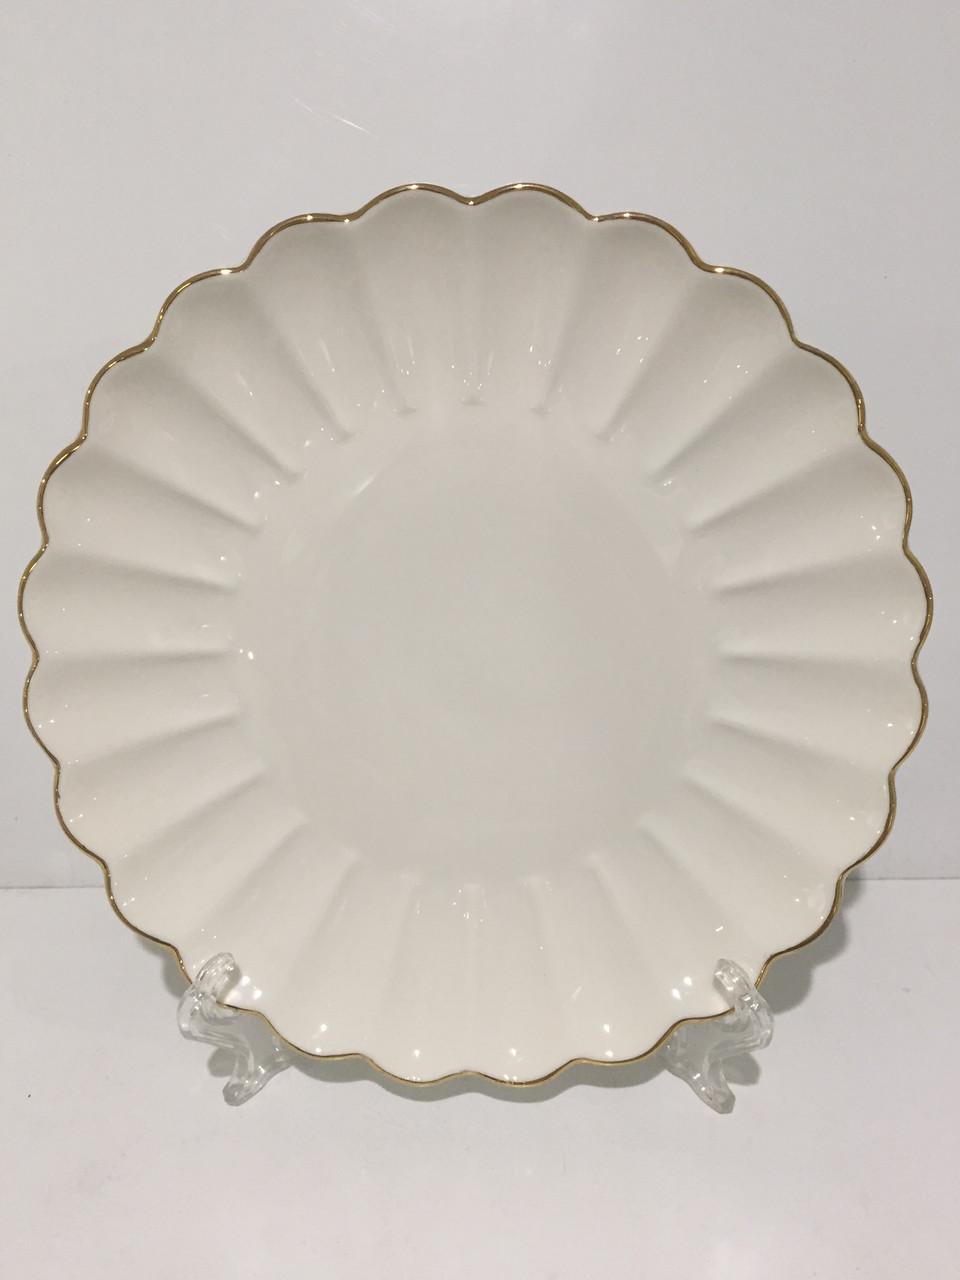 Тарелка для сублимации фигурная, 20см (3д пресс)